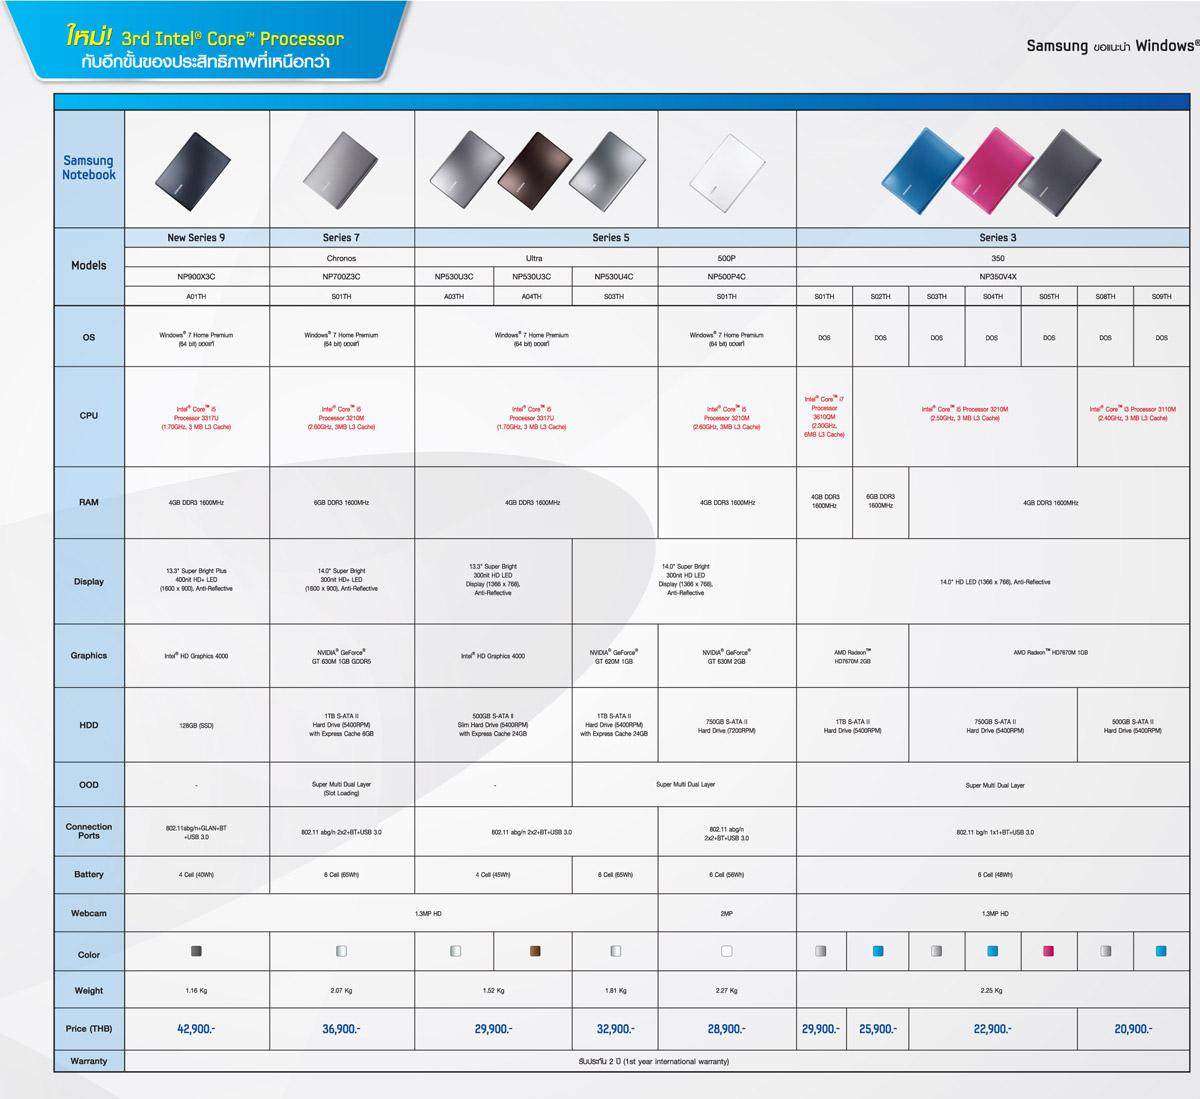 Samsung Notebook P1a